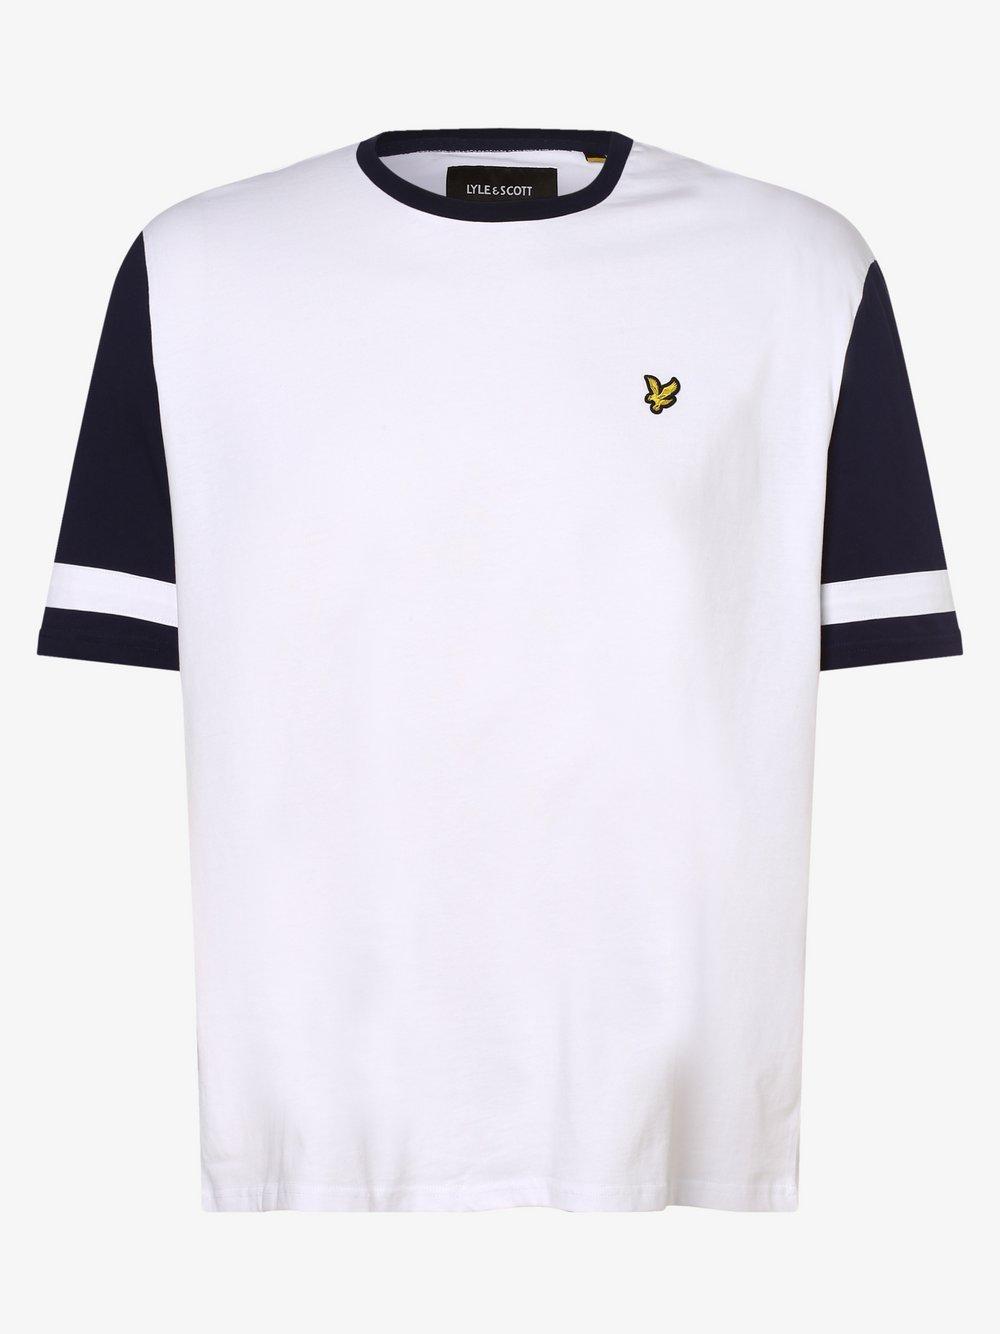 Lyle & Scott – T-shirt męski, biały Van Graaf 469803-0001-09995